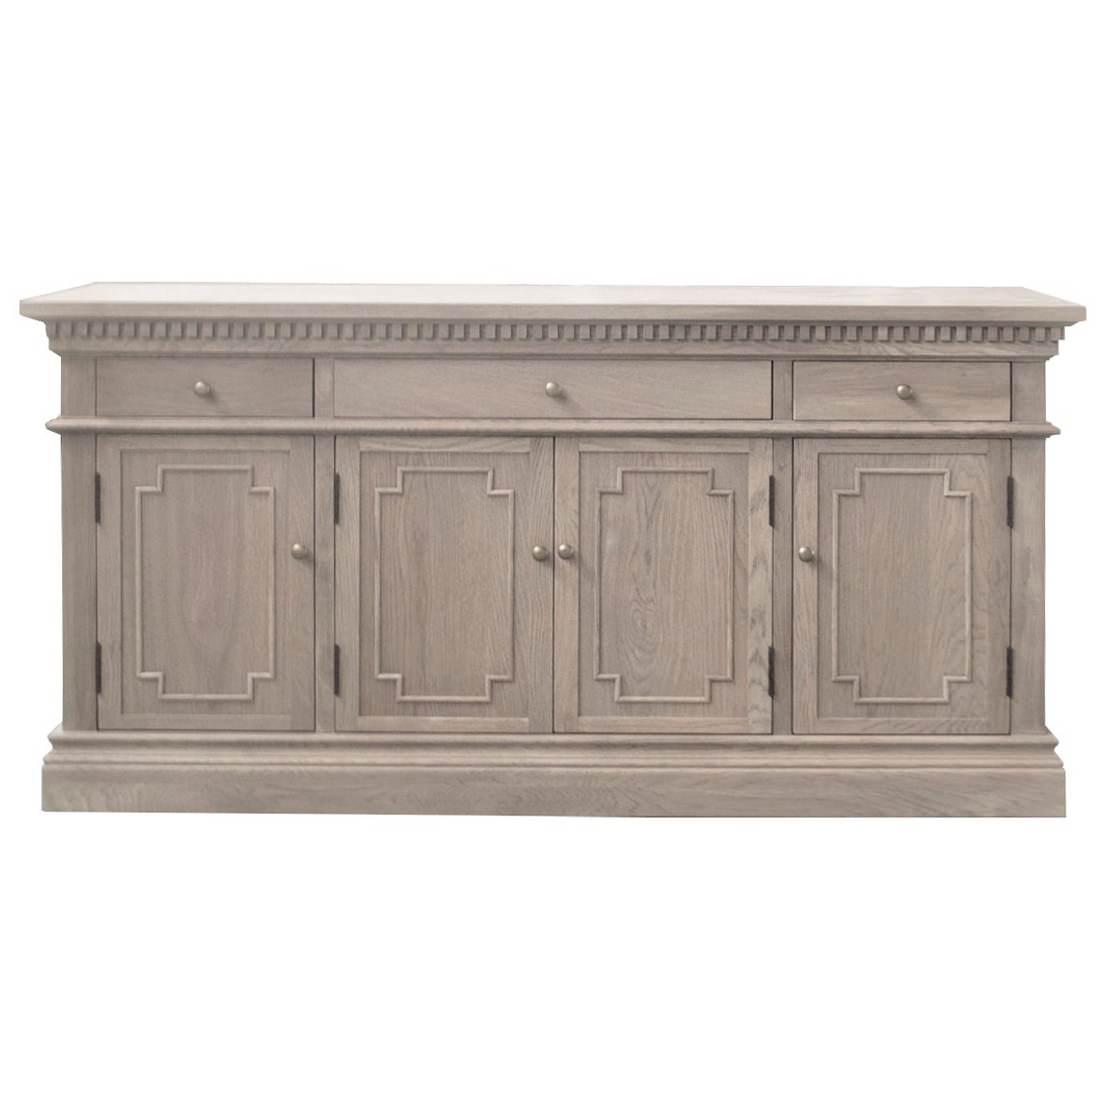 St. James Oak Timber 4 Door 3 Drawer Sideboard, 165cm, Weathered Oak